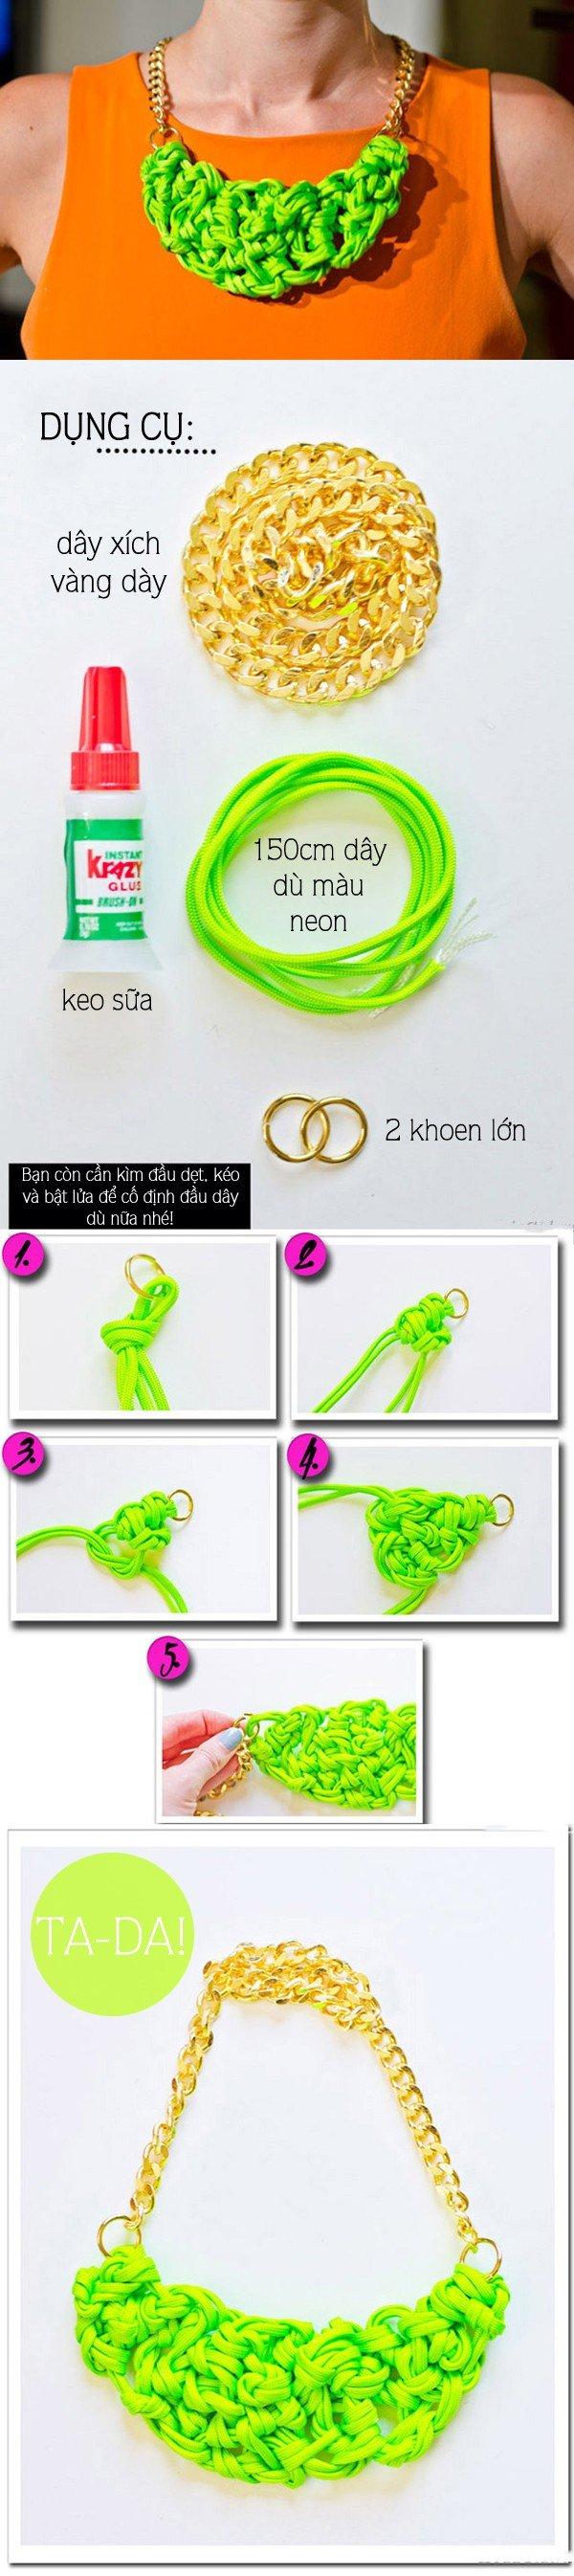 DIY Neon Necklace Tutorial